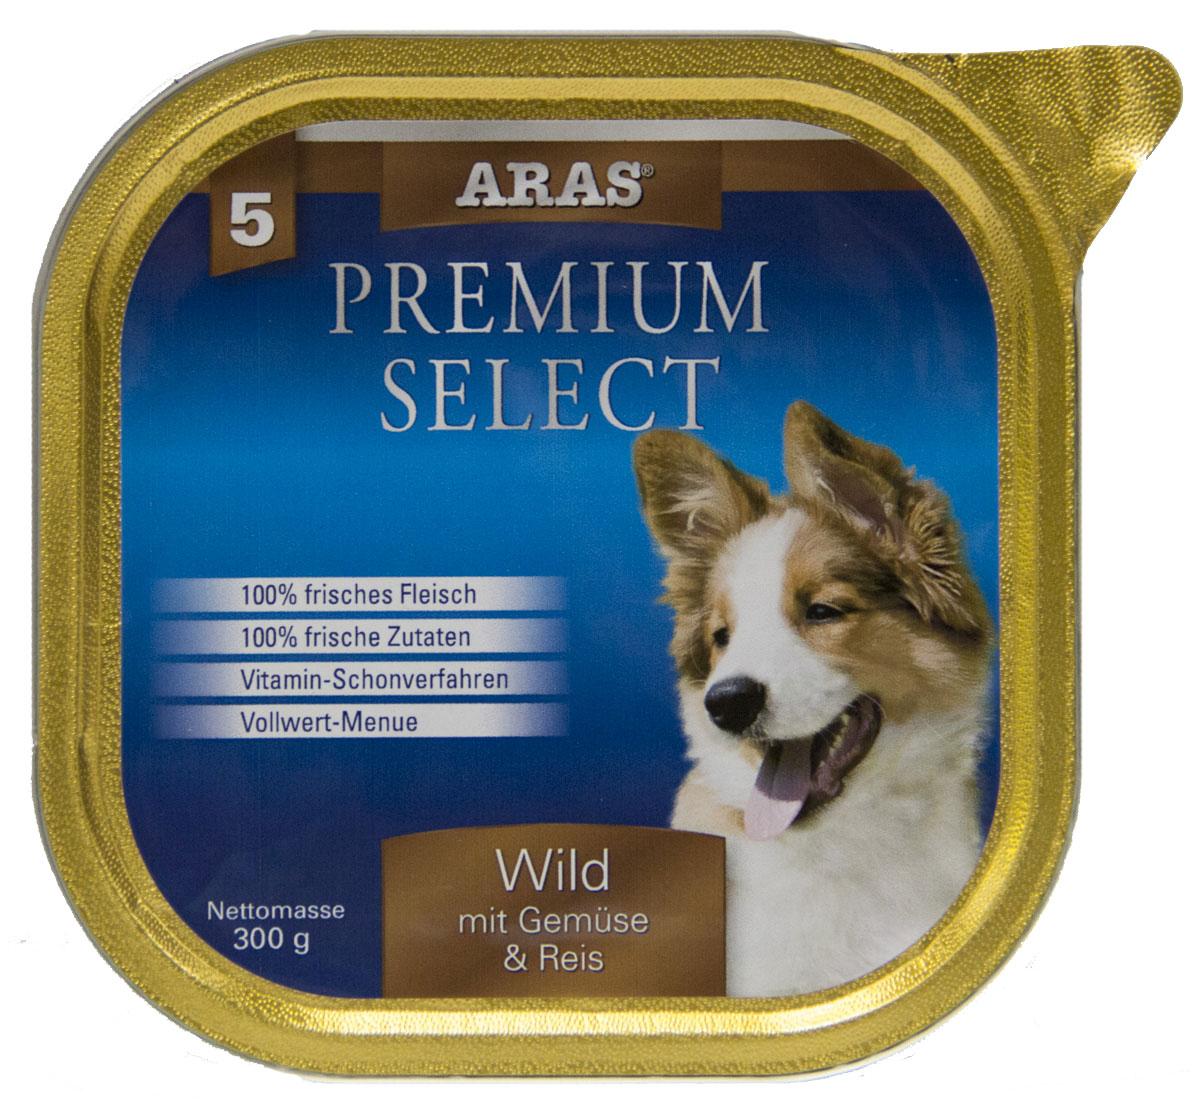 Консервы Aras Premium Select, для собак, с дичью, овощами и рисом, 195 г101205Повседневный консервированный корм для собак всех пород и всех возрастов. Корм произведен в Германии из продуктов, пригодных в пищу человека по специальной технологии схожей с технологией Sous Vide. Благодаря уникальной технологии, схожей с технологий Souse Vide, при изготовлении сохраняются все натуральные витамины и минералы. Это достигается благодаря бережной обработке всех ингредиентов при температуре менее 80 градусов. Такая бережная обработка продуктов не стерилизует продуктовые компоненты. Благодаря этому корма не нуждаются ни в каких дополнительных вкусовых добавках и сохраняют все необходимые полезные вещества. При производстве кормов используются исключительно свежие натуральные продукты: мясо, овощи и зерновые; Приготовлено из 100% свежего мяса, пригодного в пищу человеку; Содержит натуральные витамины, аминокислоты, минеральные вещества и микроэлементы; С экстрактом масла зародышей зерна пшеницы холодного отжима (Bio-Dura); Без химических...